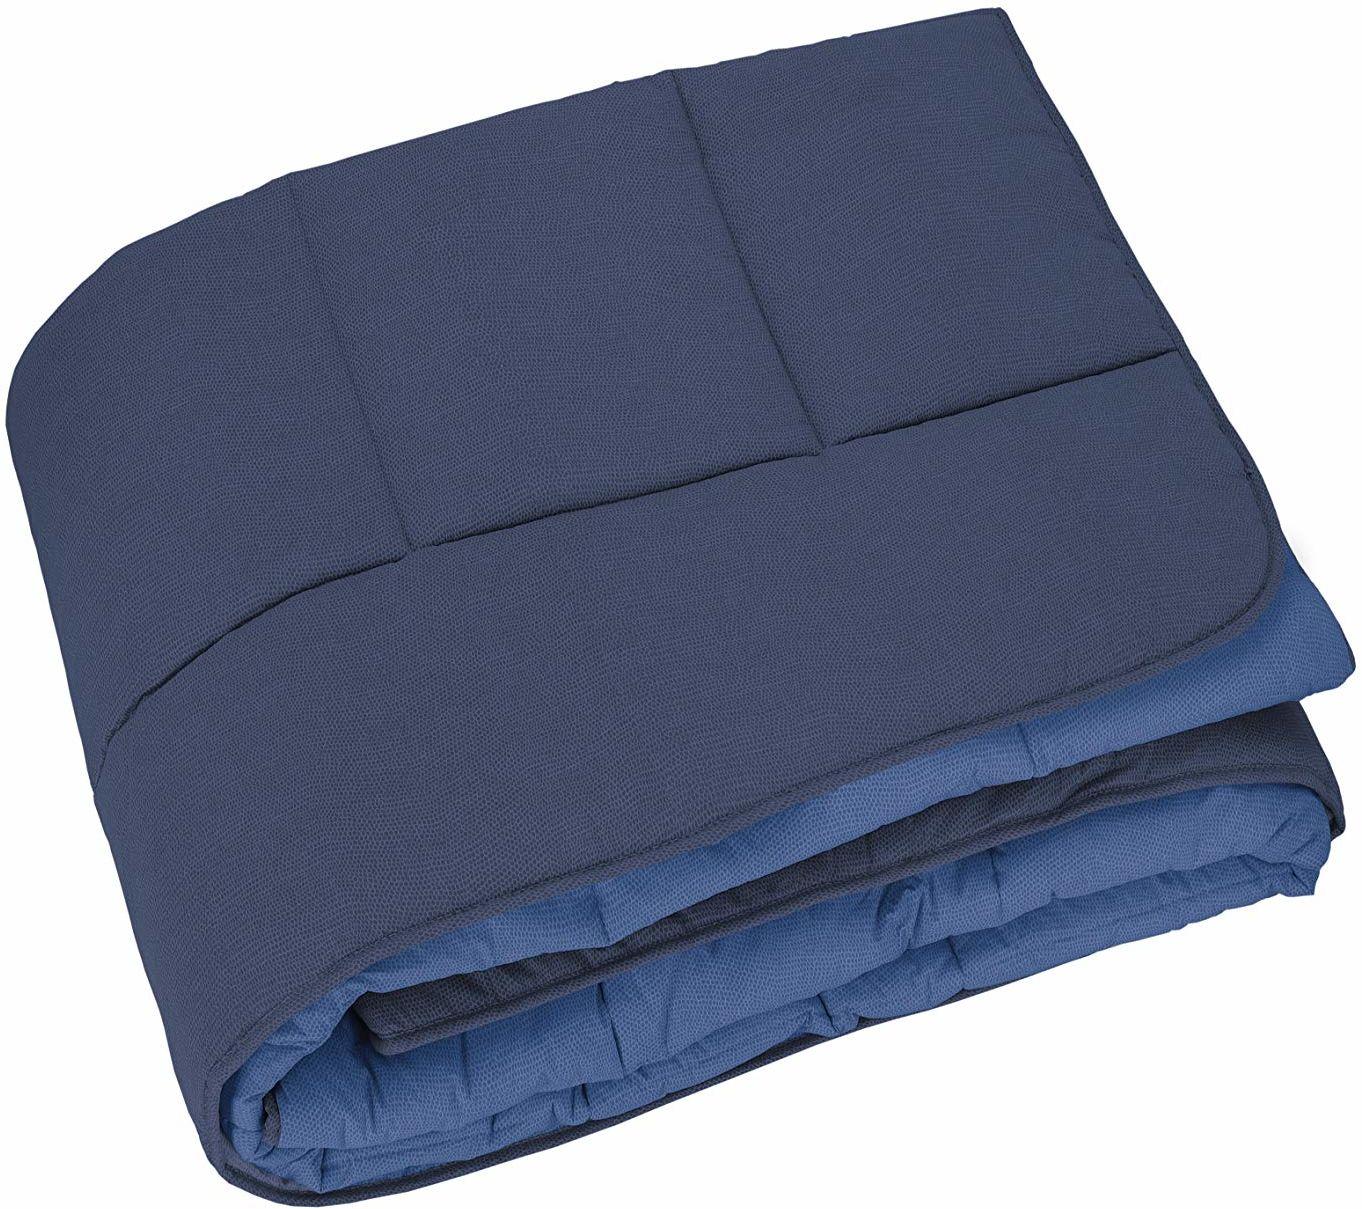 Widelec kołdra pikowana do łóżka francuskiego, niebieska